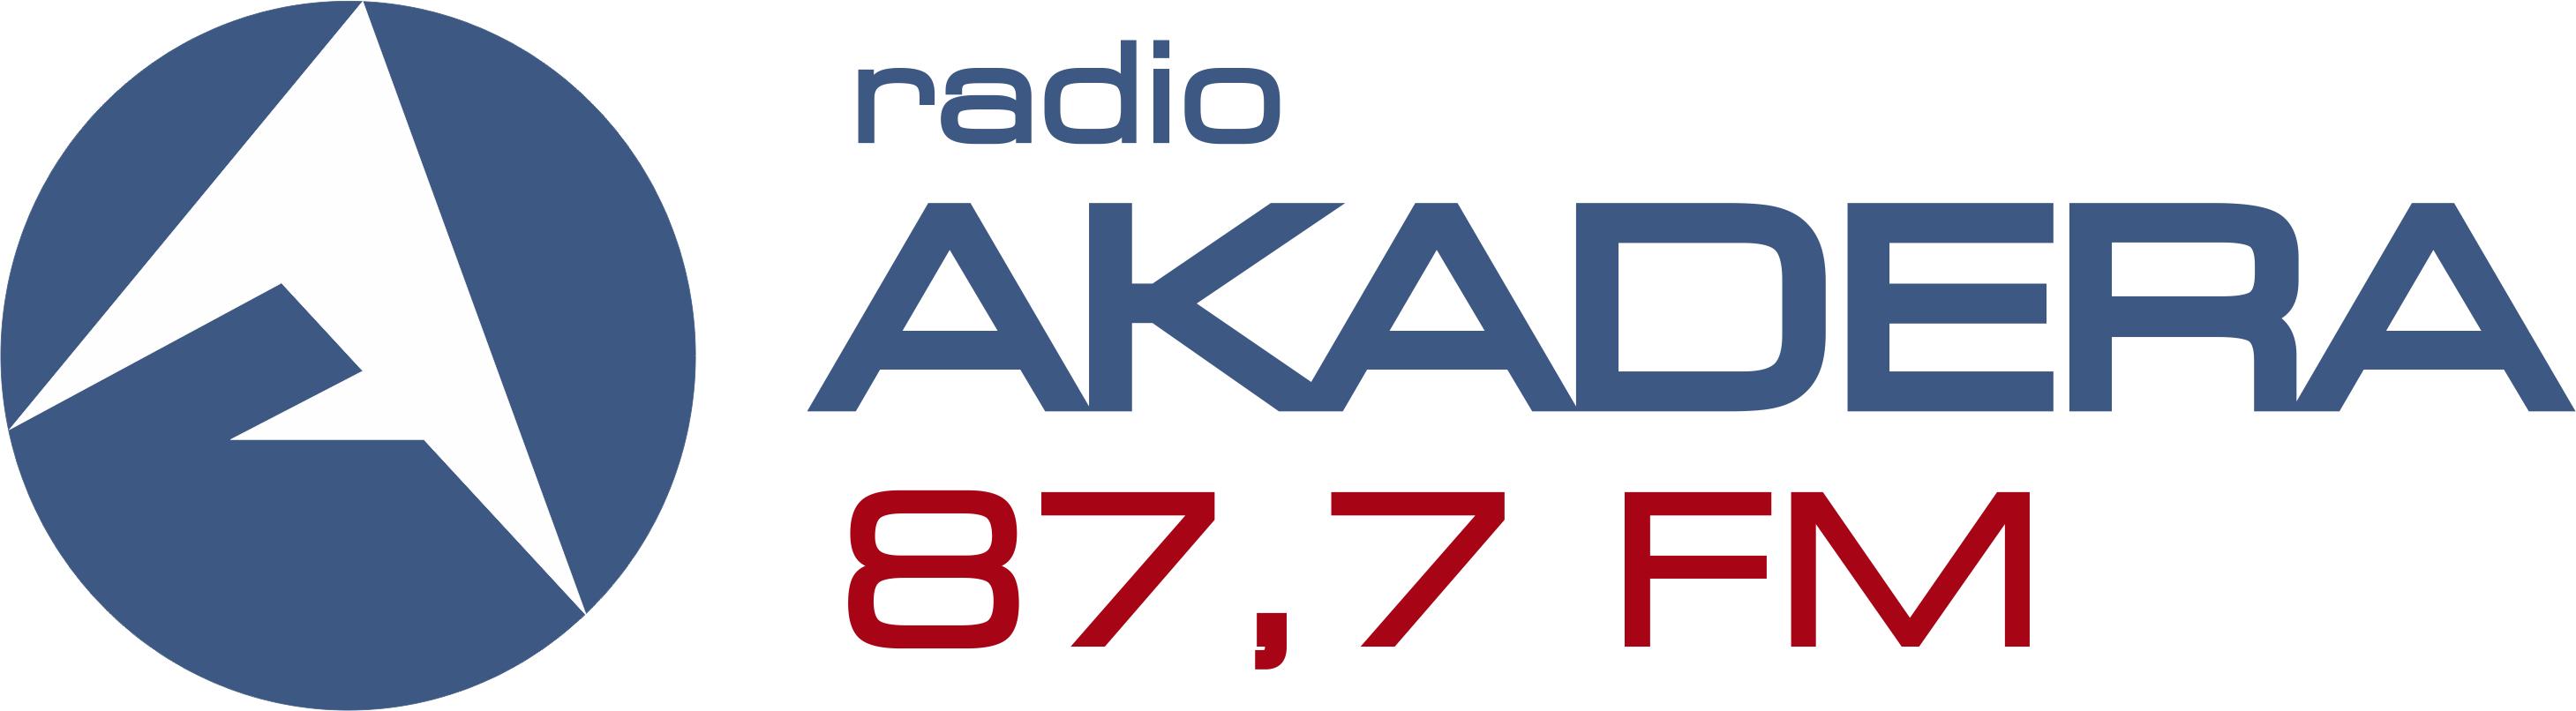 logo_akadera_-_do_materialc281ae2809cw